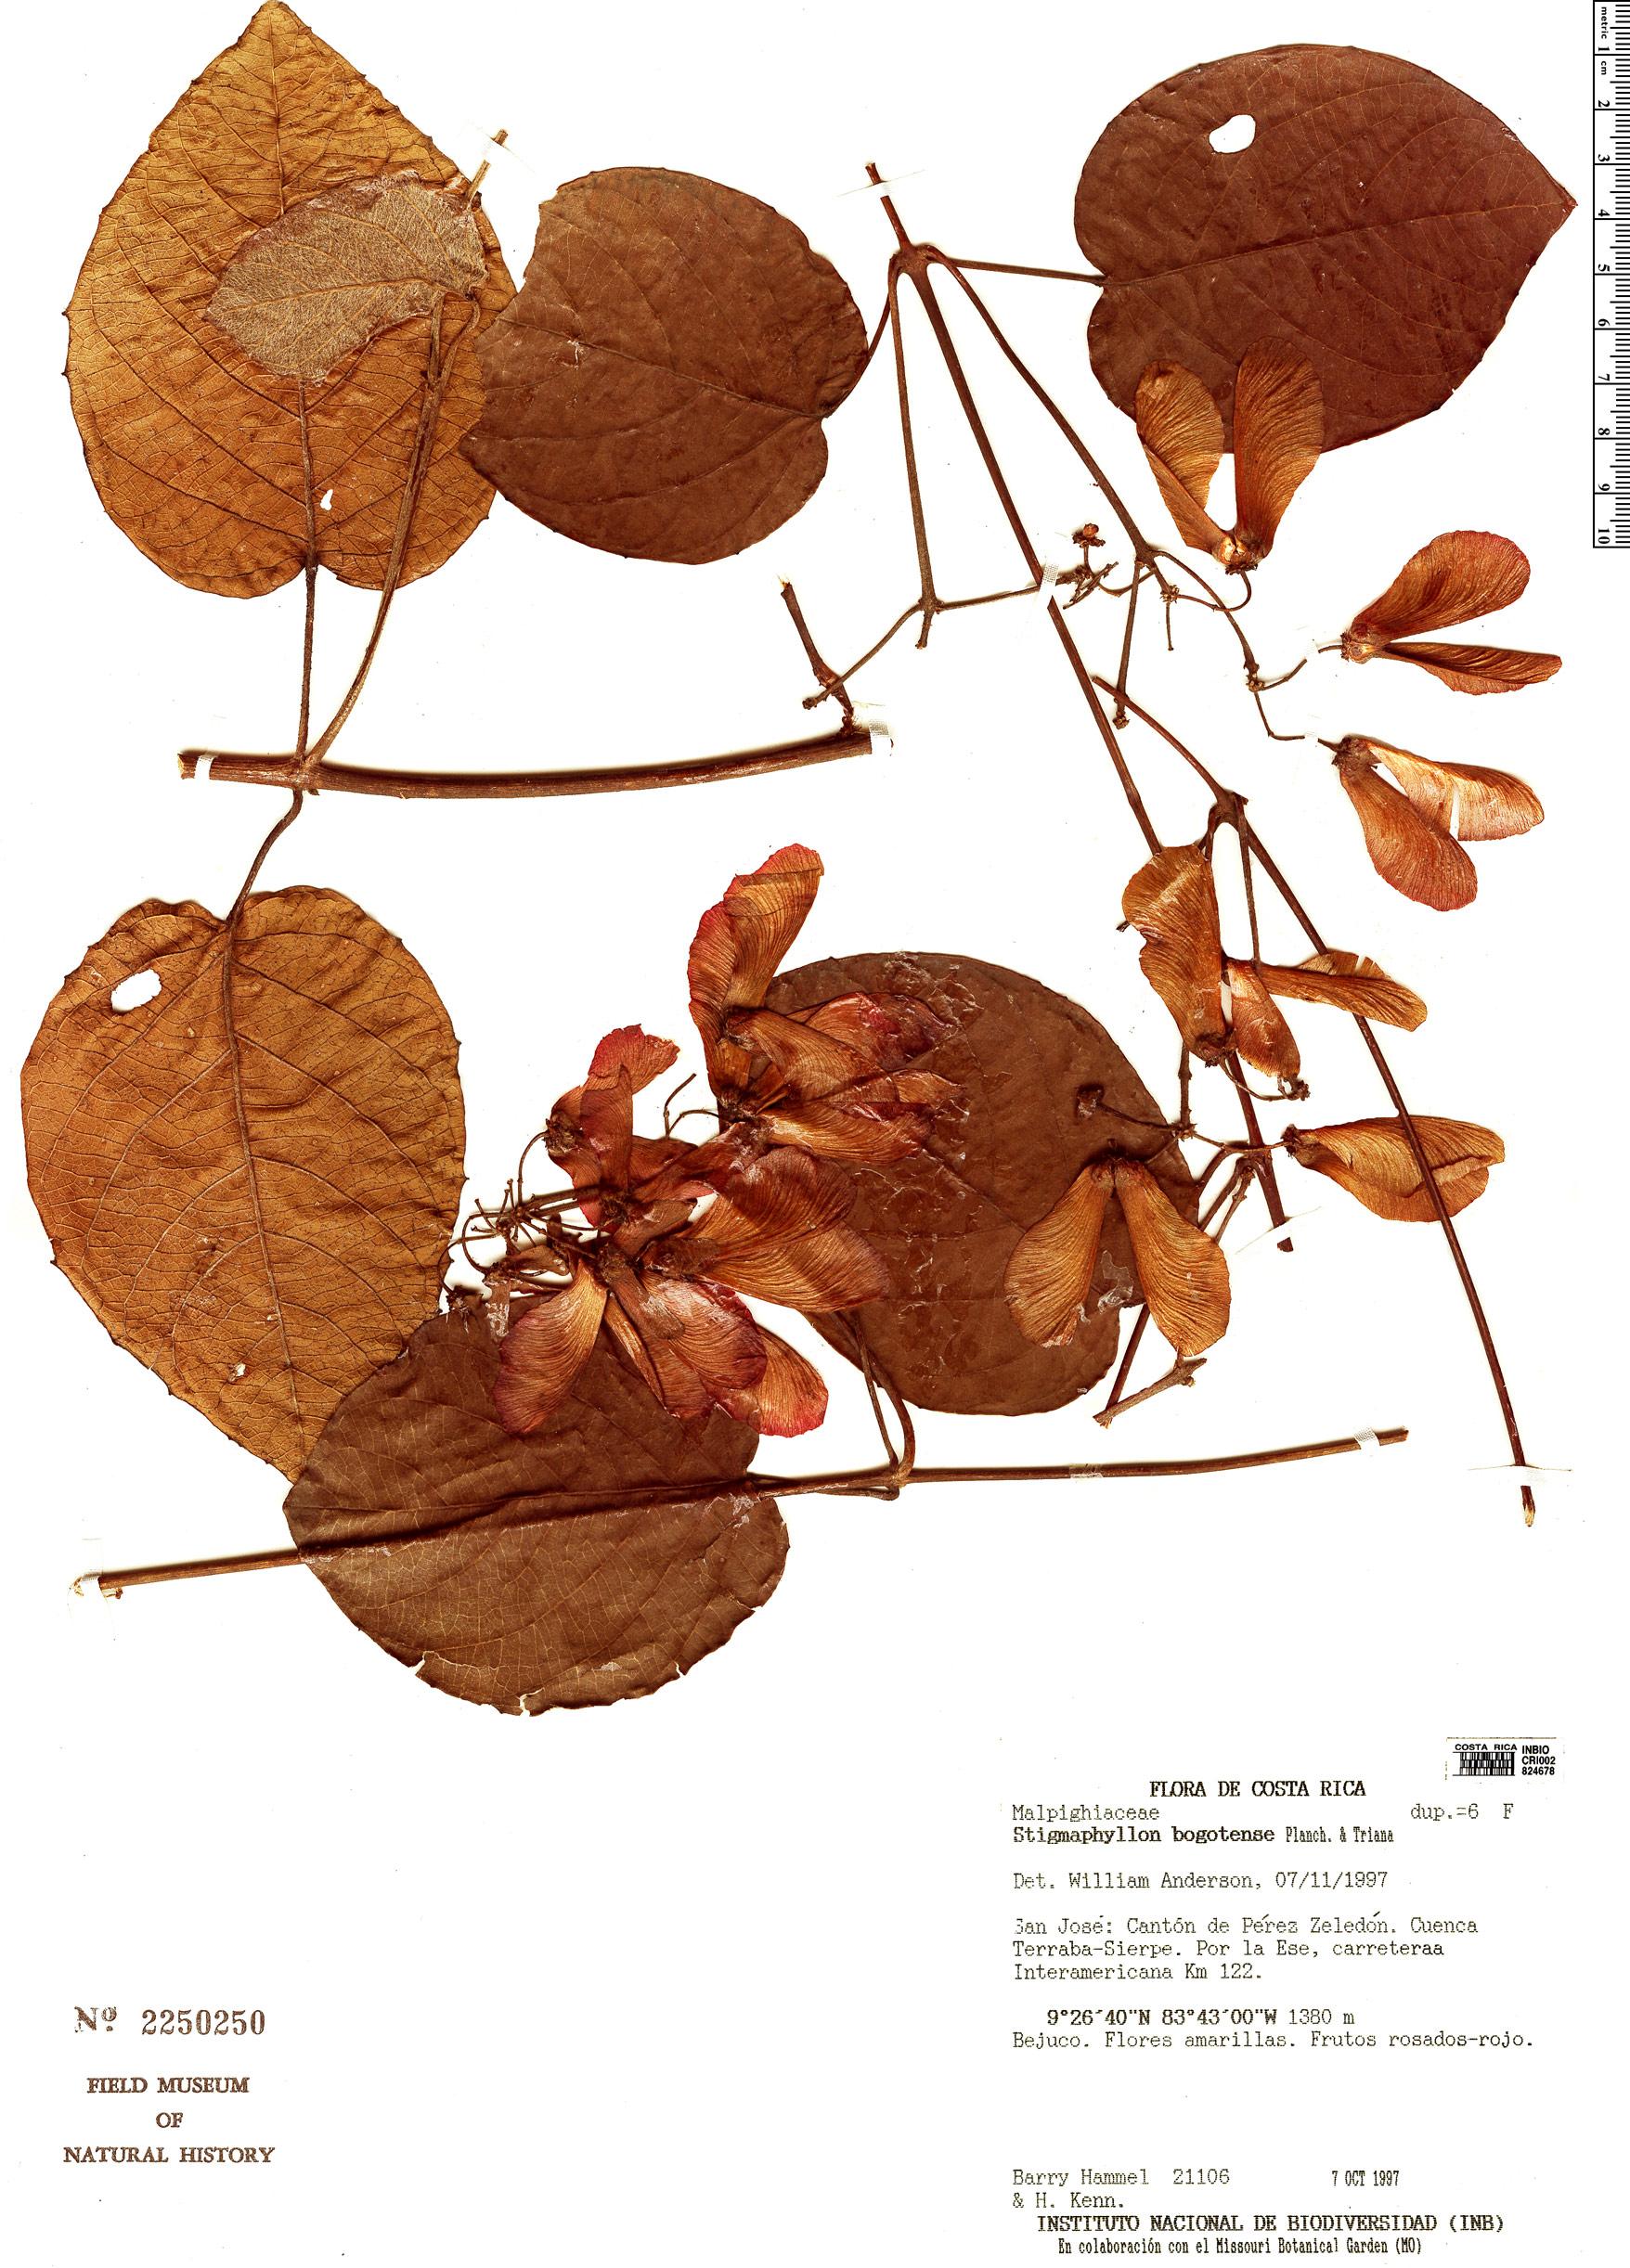 Specimen: Stigmaphyllon bogotense